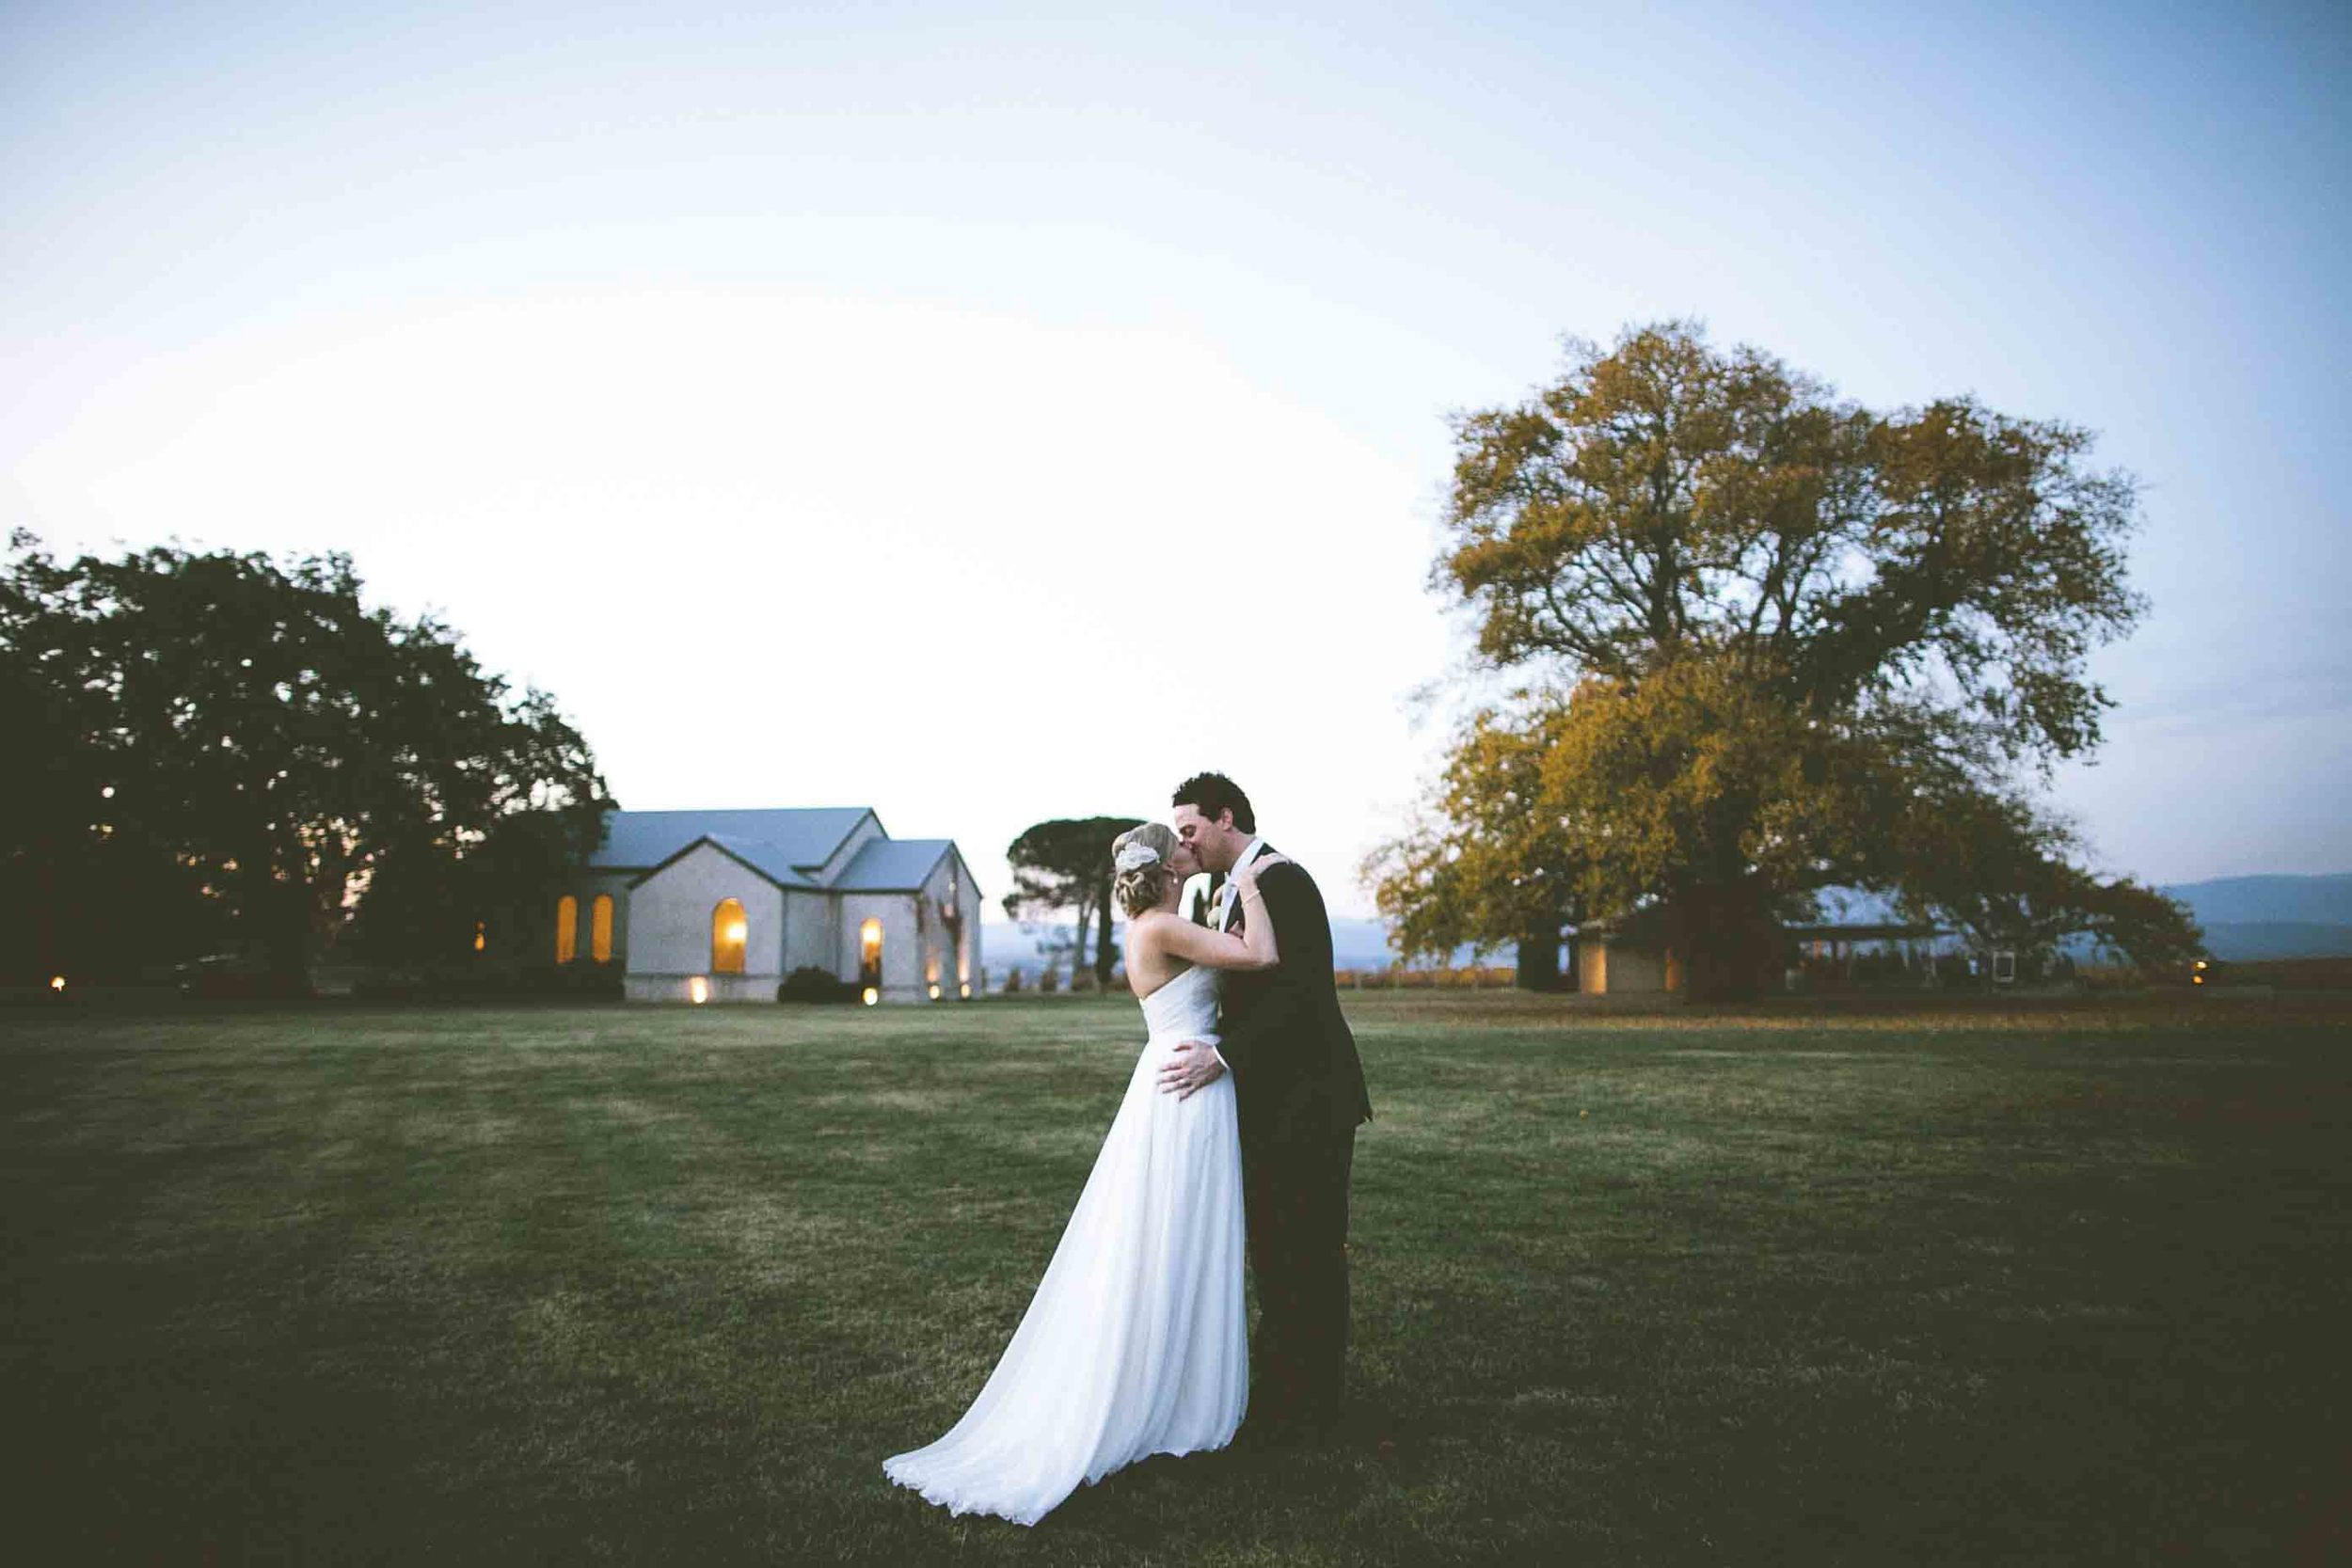 weddings12.jpg